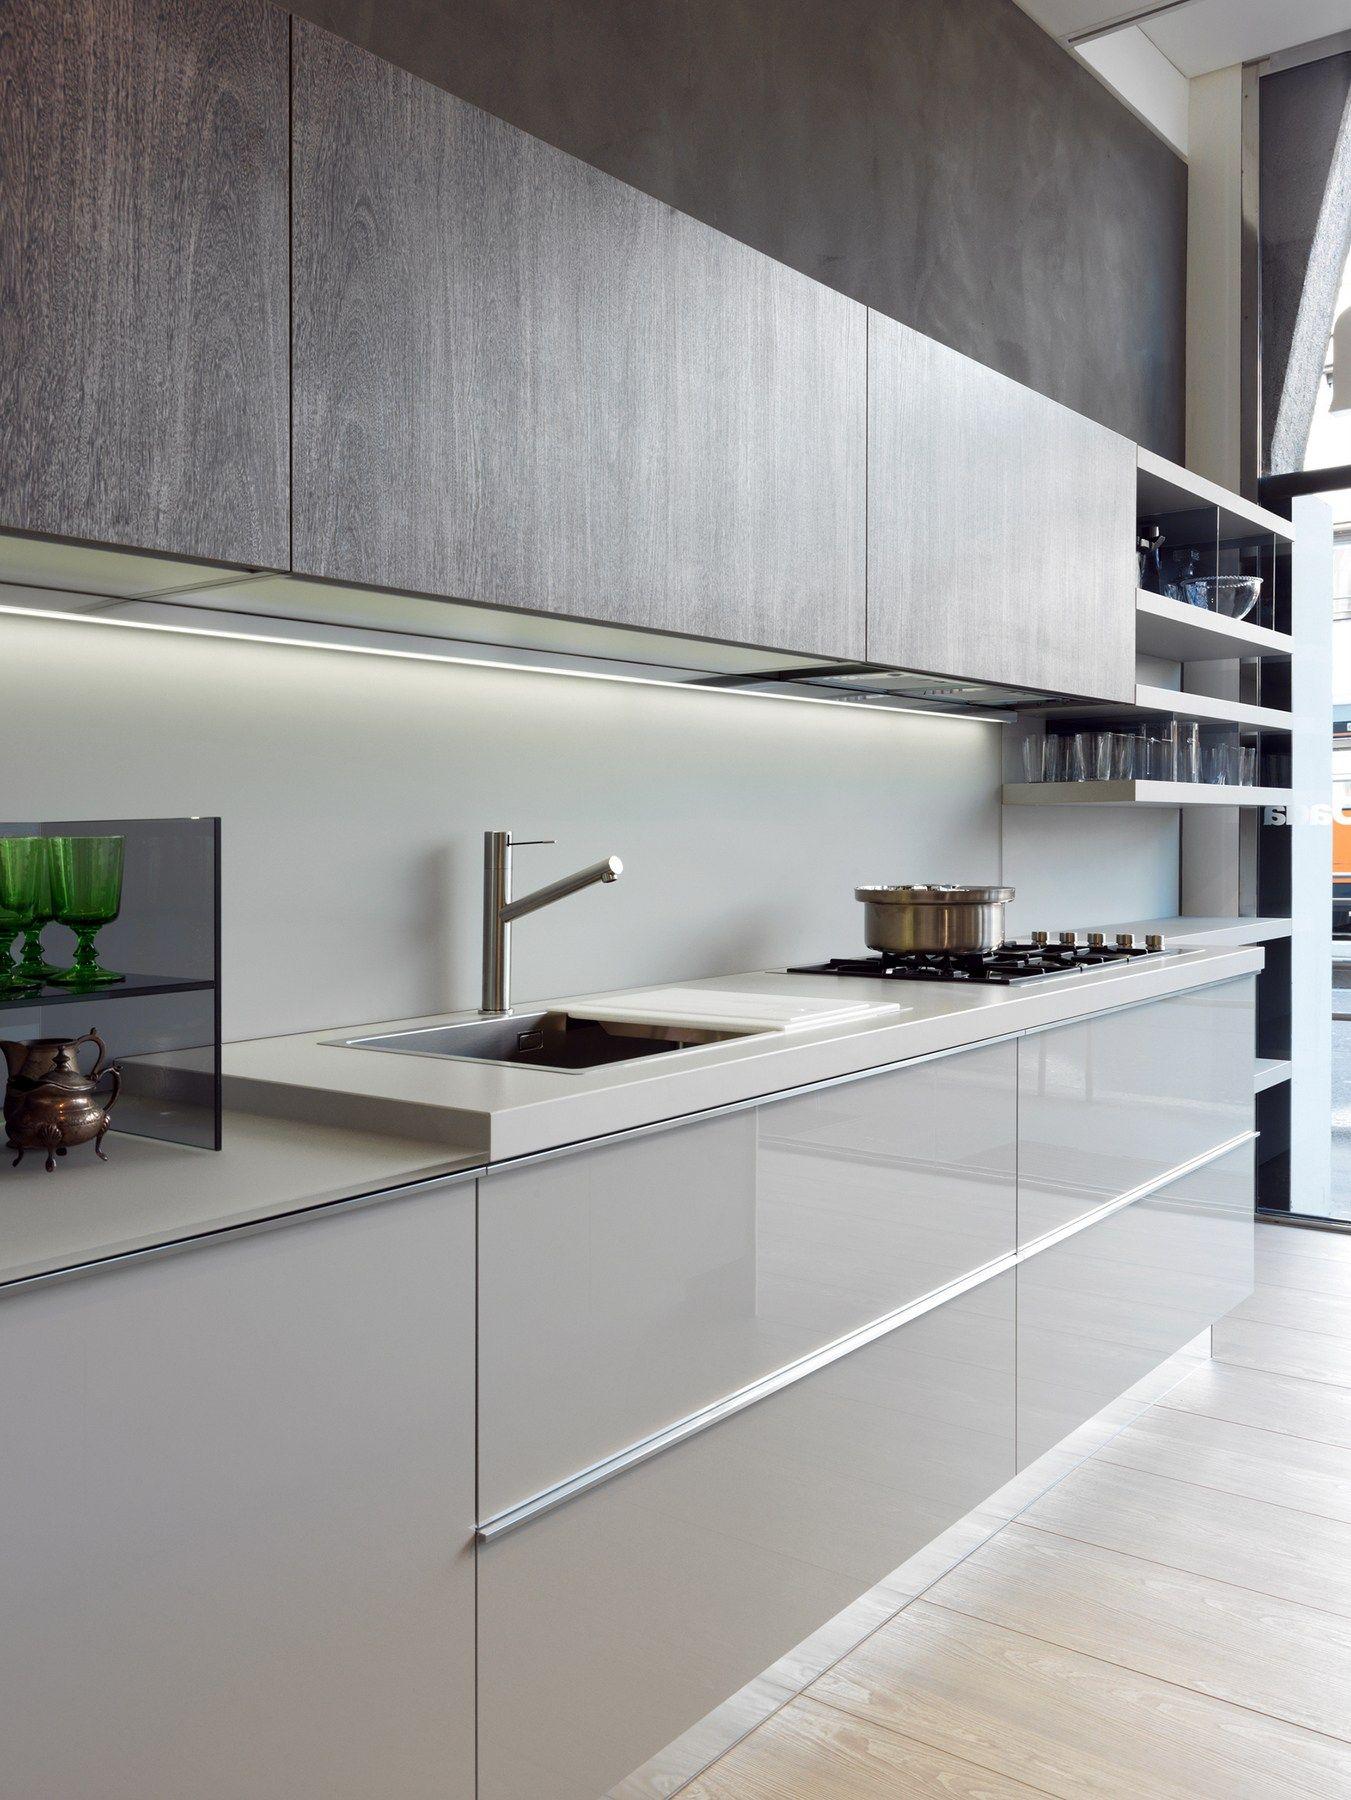 Modular fitted kitchen INDada by DADA design Nicola